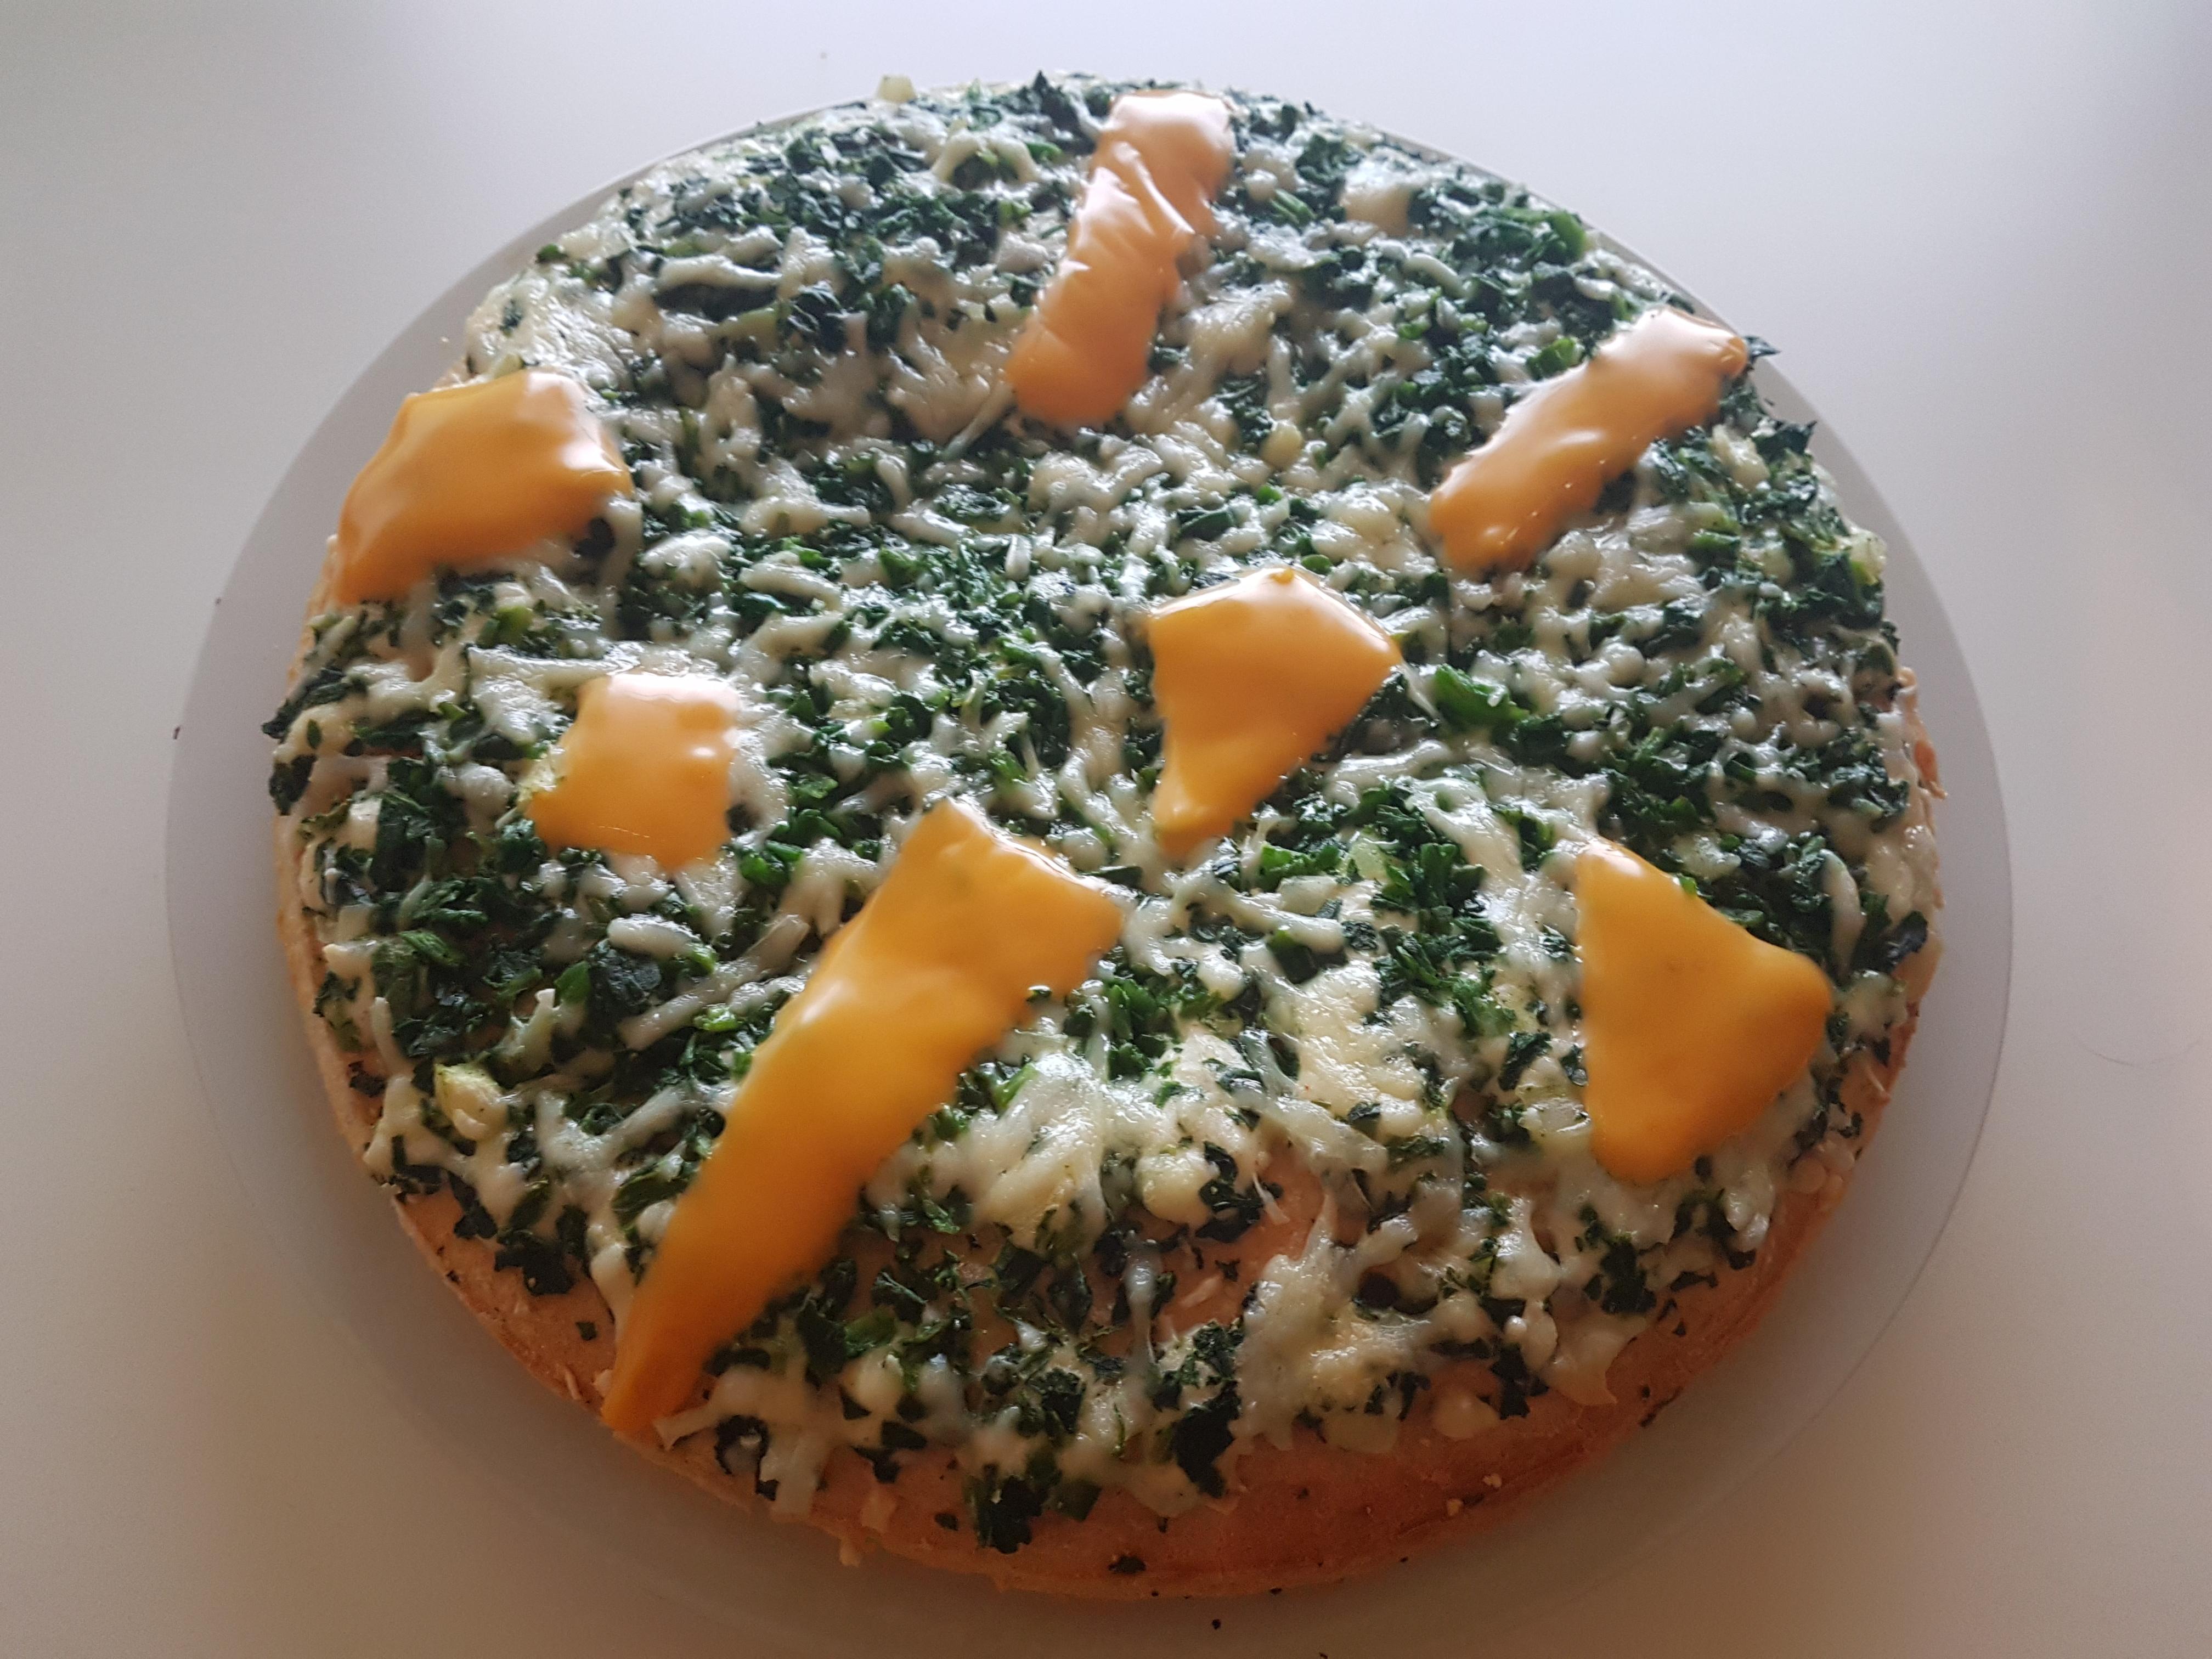 https://foodloader.net/Holz_2019-04-22_Pizza.jpg